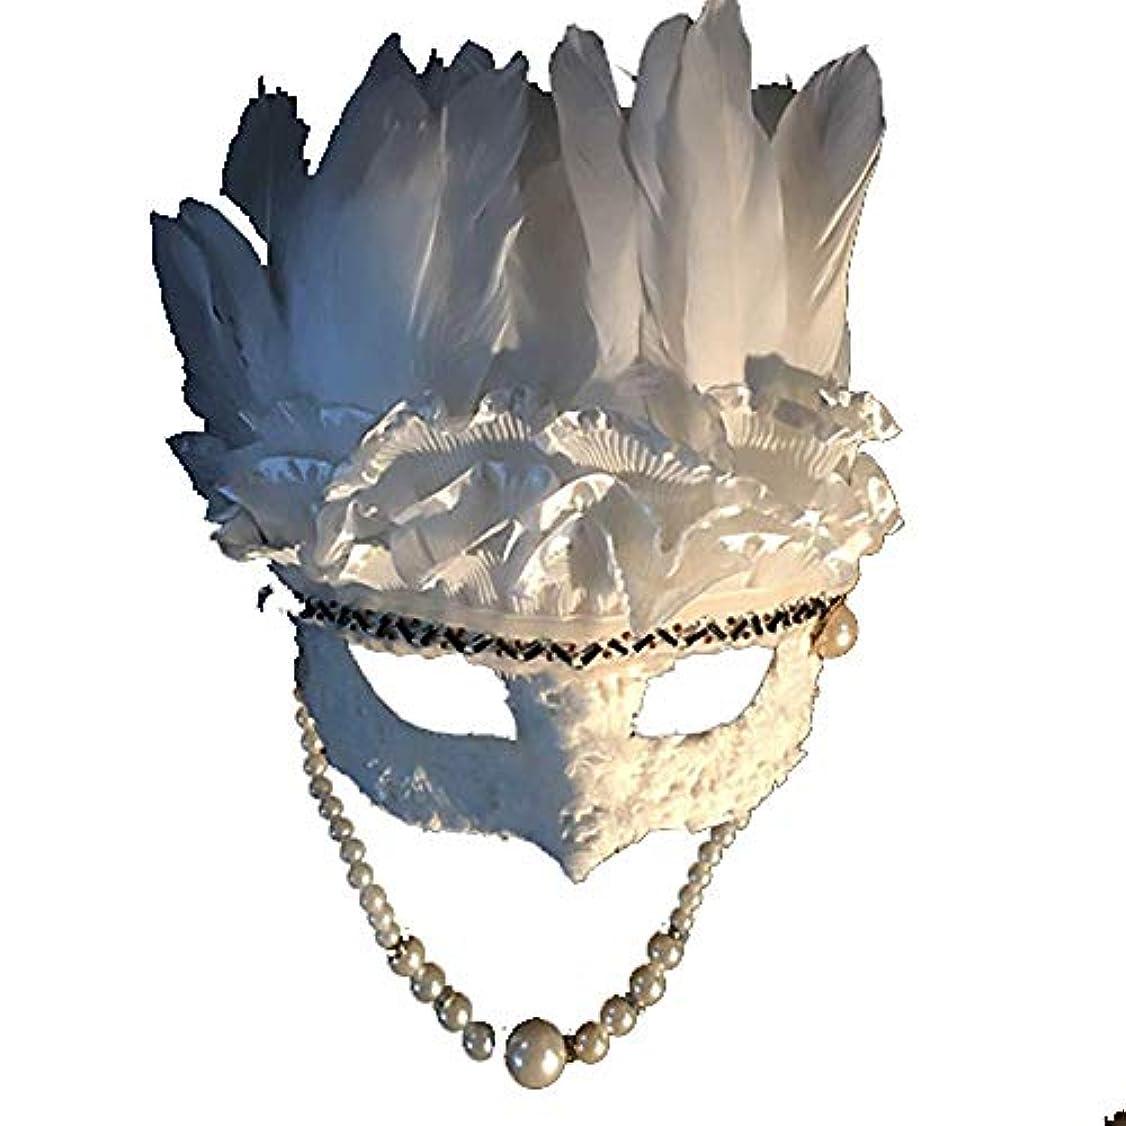 行商人金属プライムNanle ハロウィンクリスマスフェザースパンコール刺繍ビーズマスク仮装マスクレディミスプリンセス美容祭パーティーデコレーションマスク